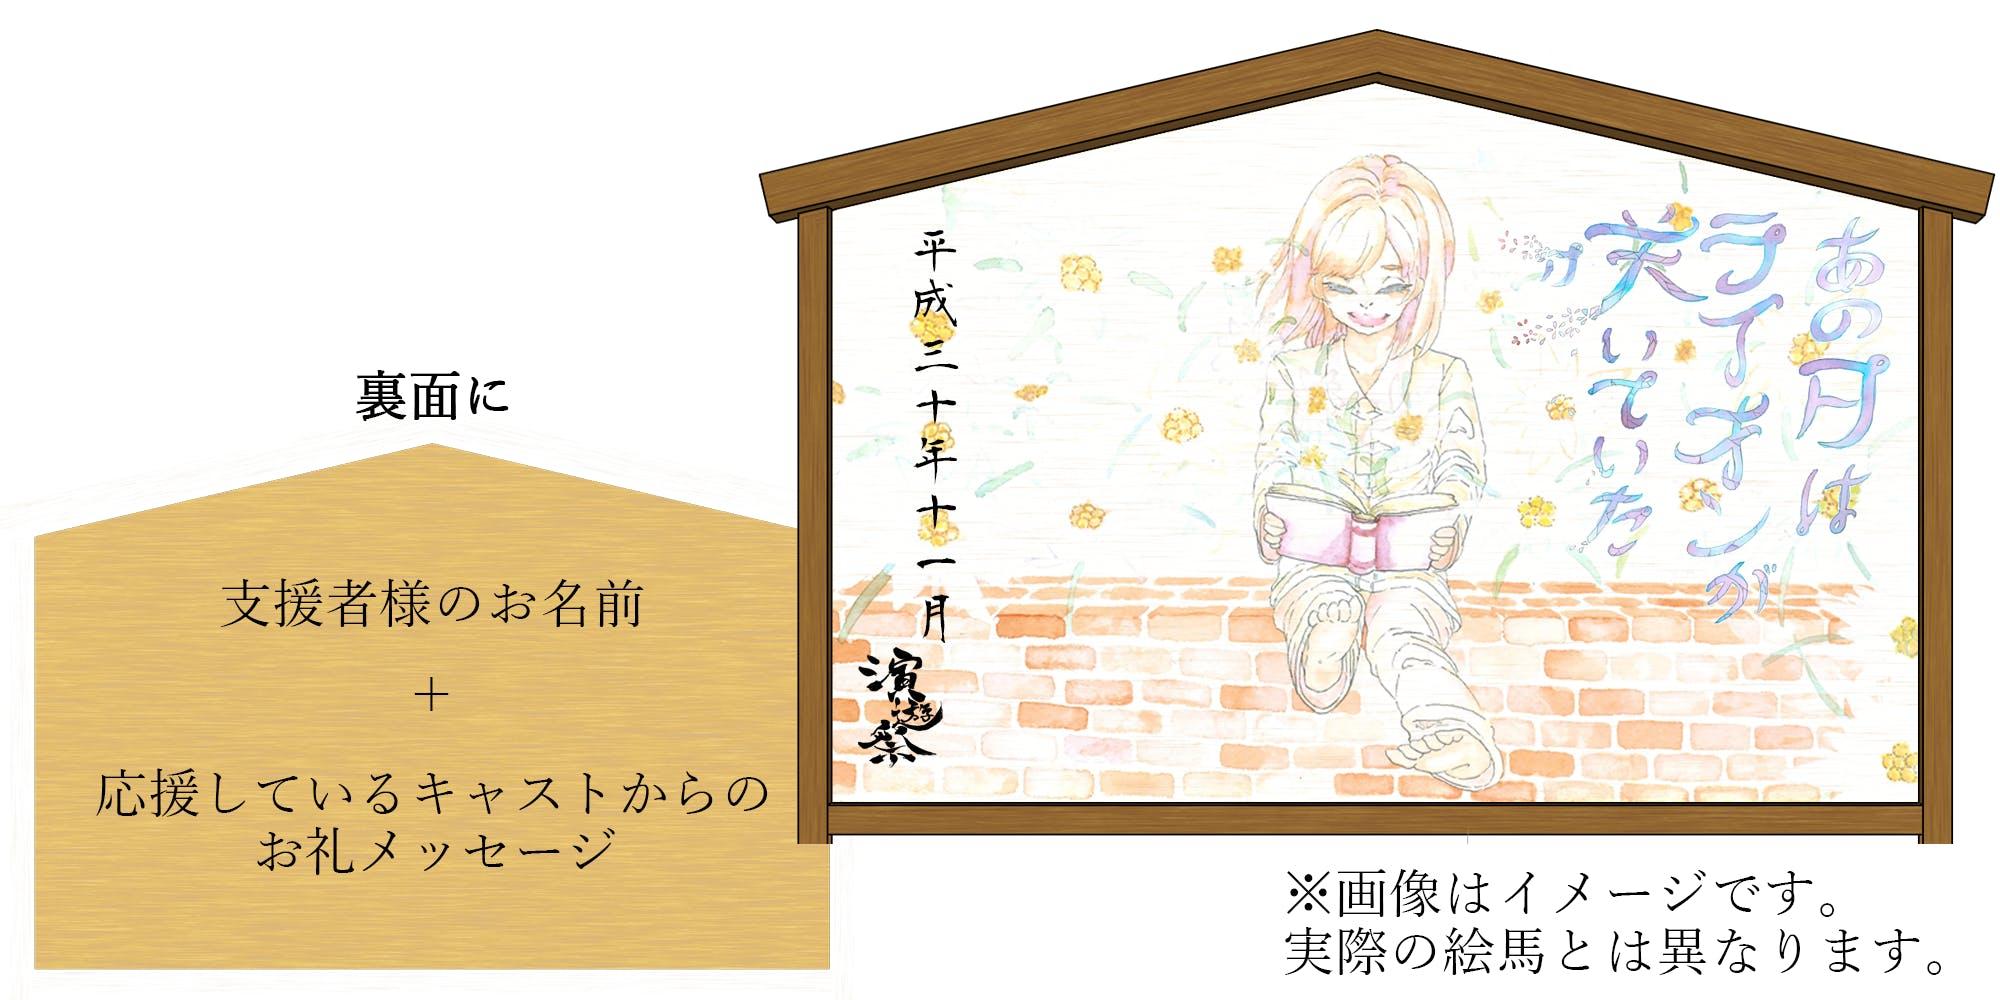 絵馬new5